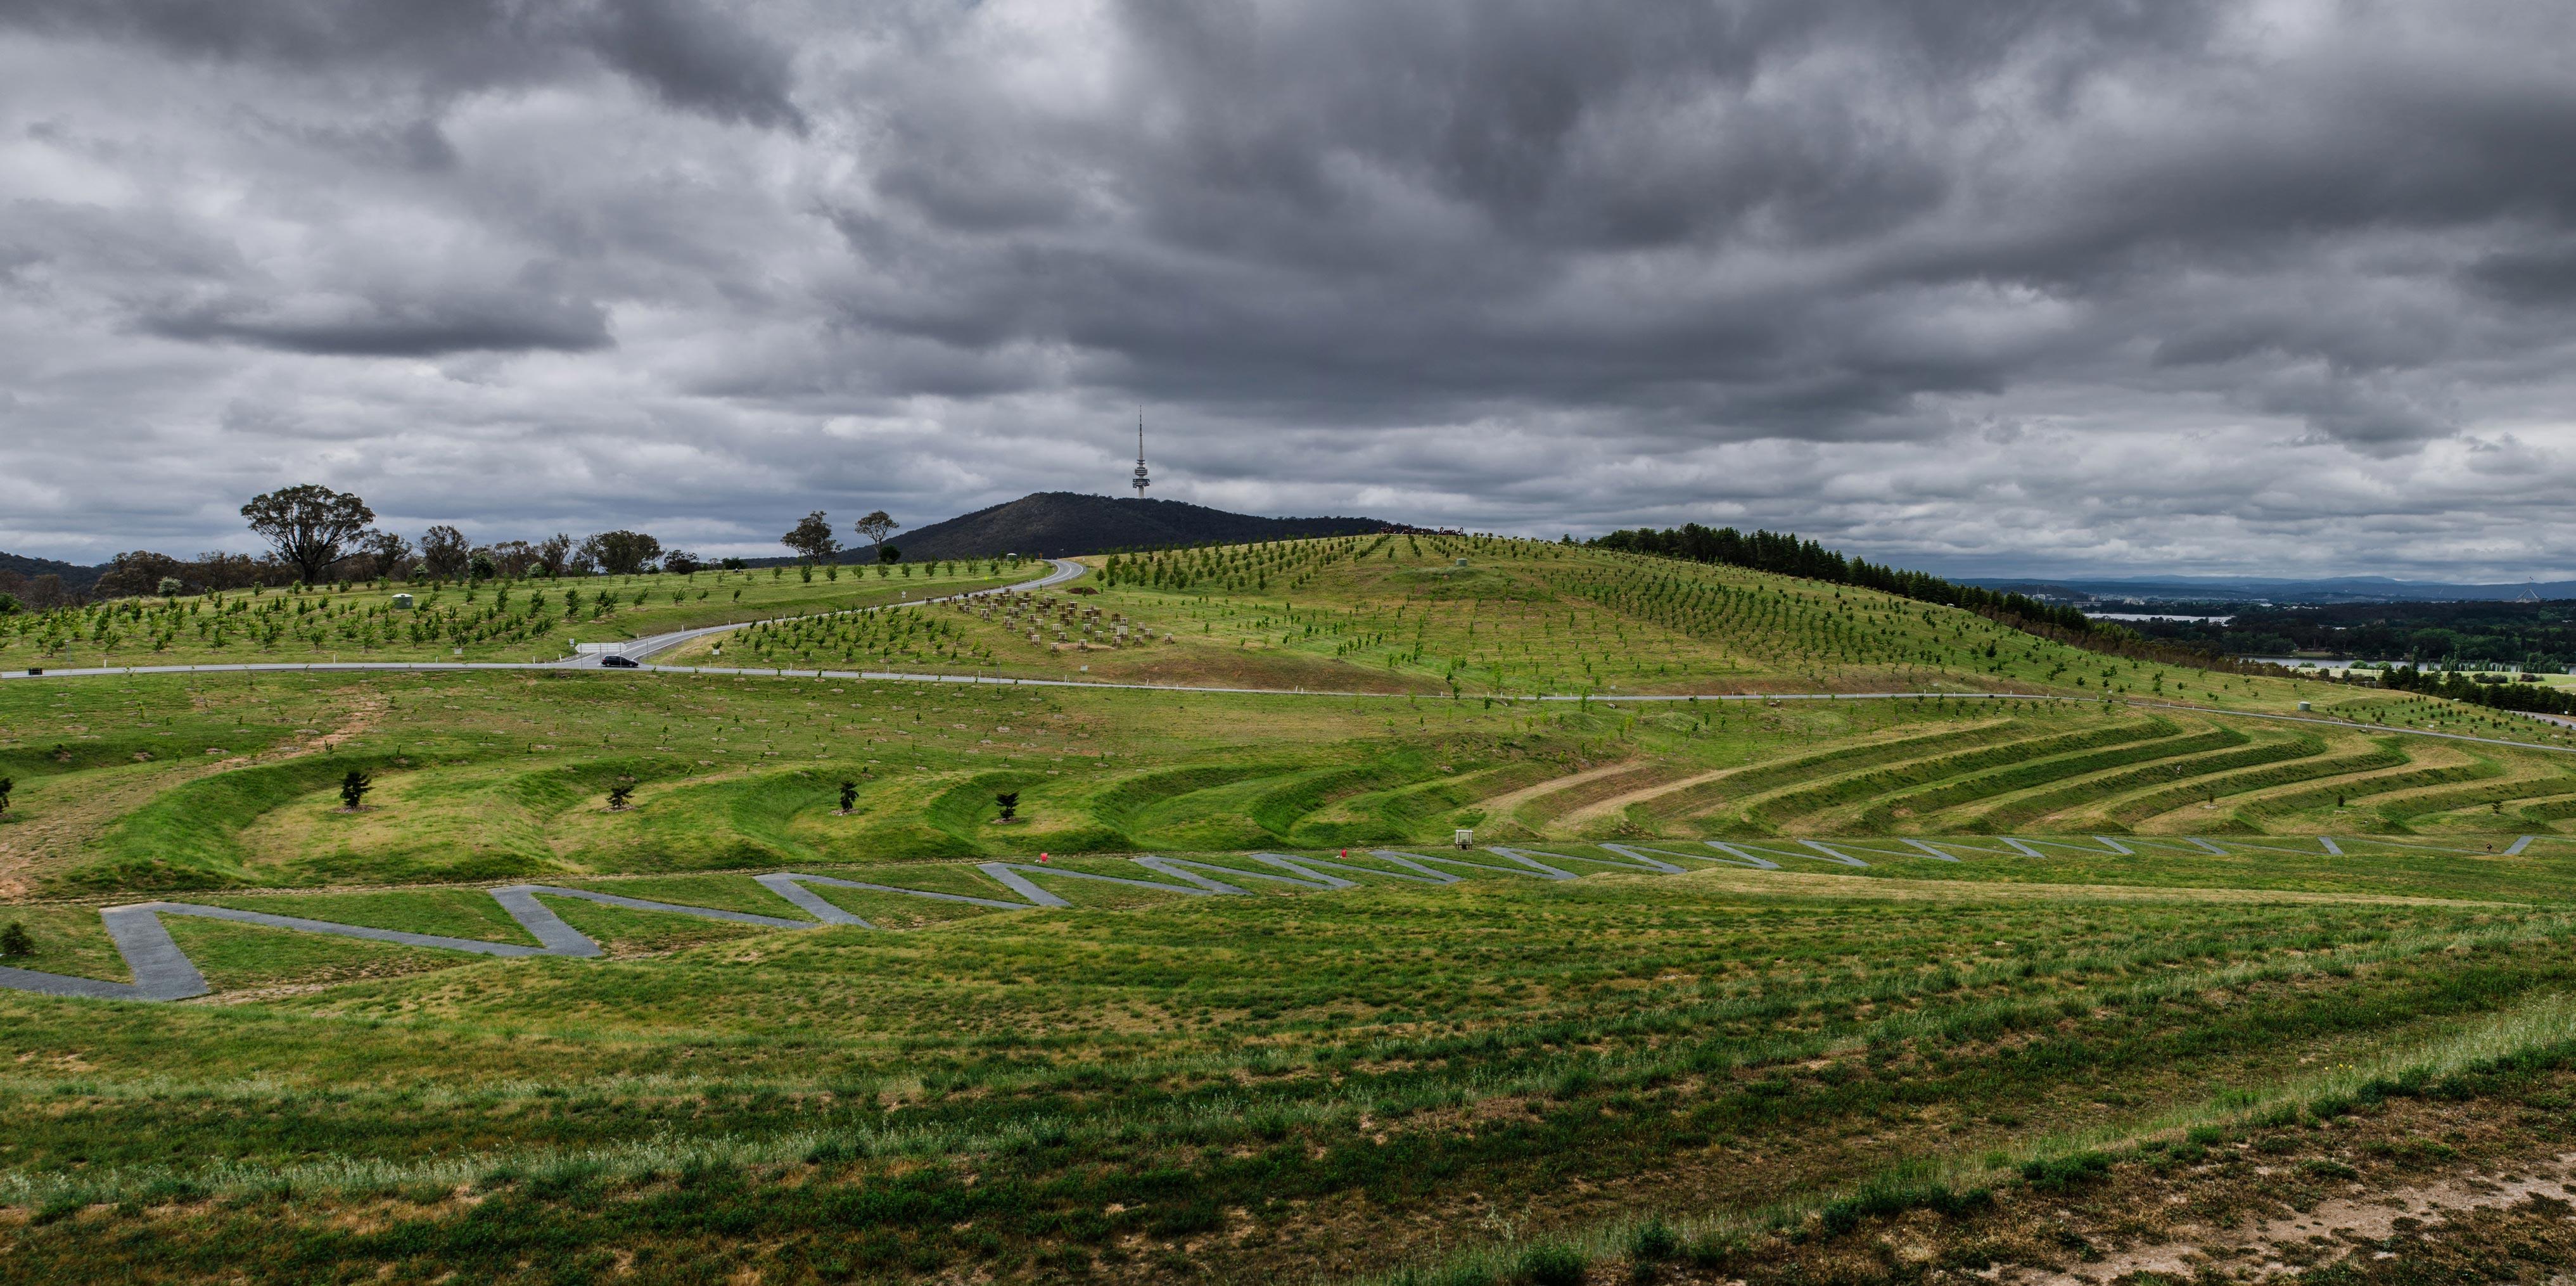 Paesaggi-Australia - DSC 0040  - Garden, Giardino in Canberra Australia - Garden, Giardino in Canberra Australia